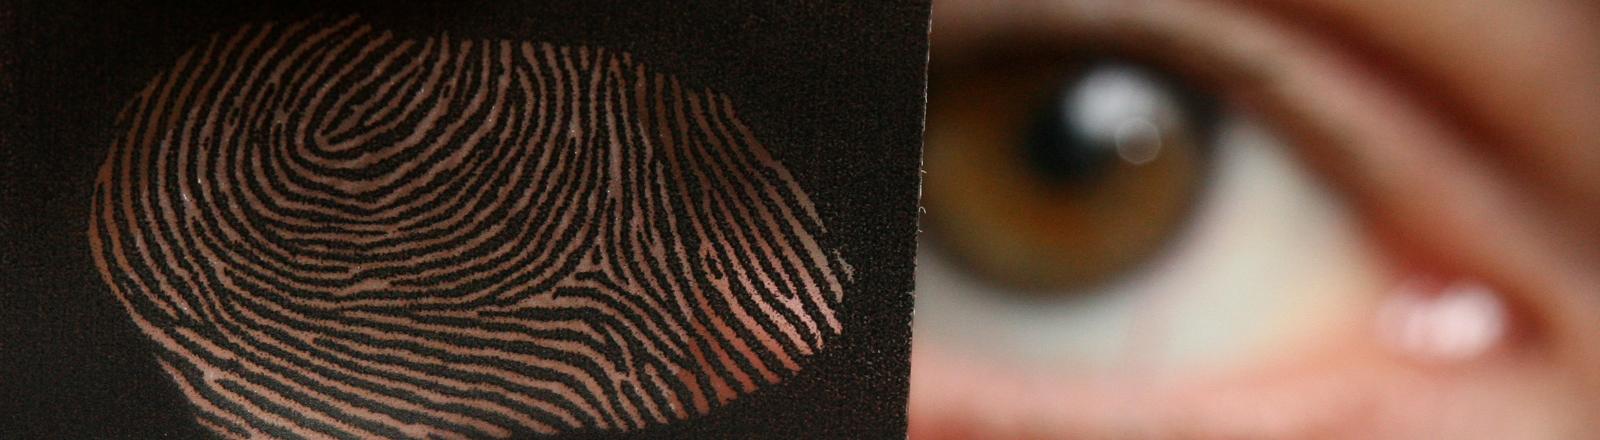 Eine Person hält das Modell eines Fingerabdrucks neben ihr Auge.